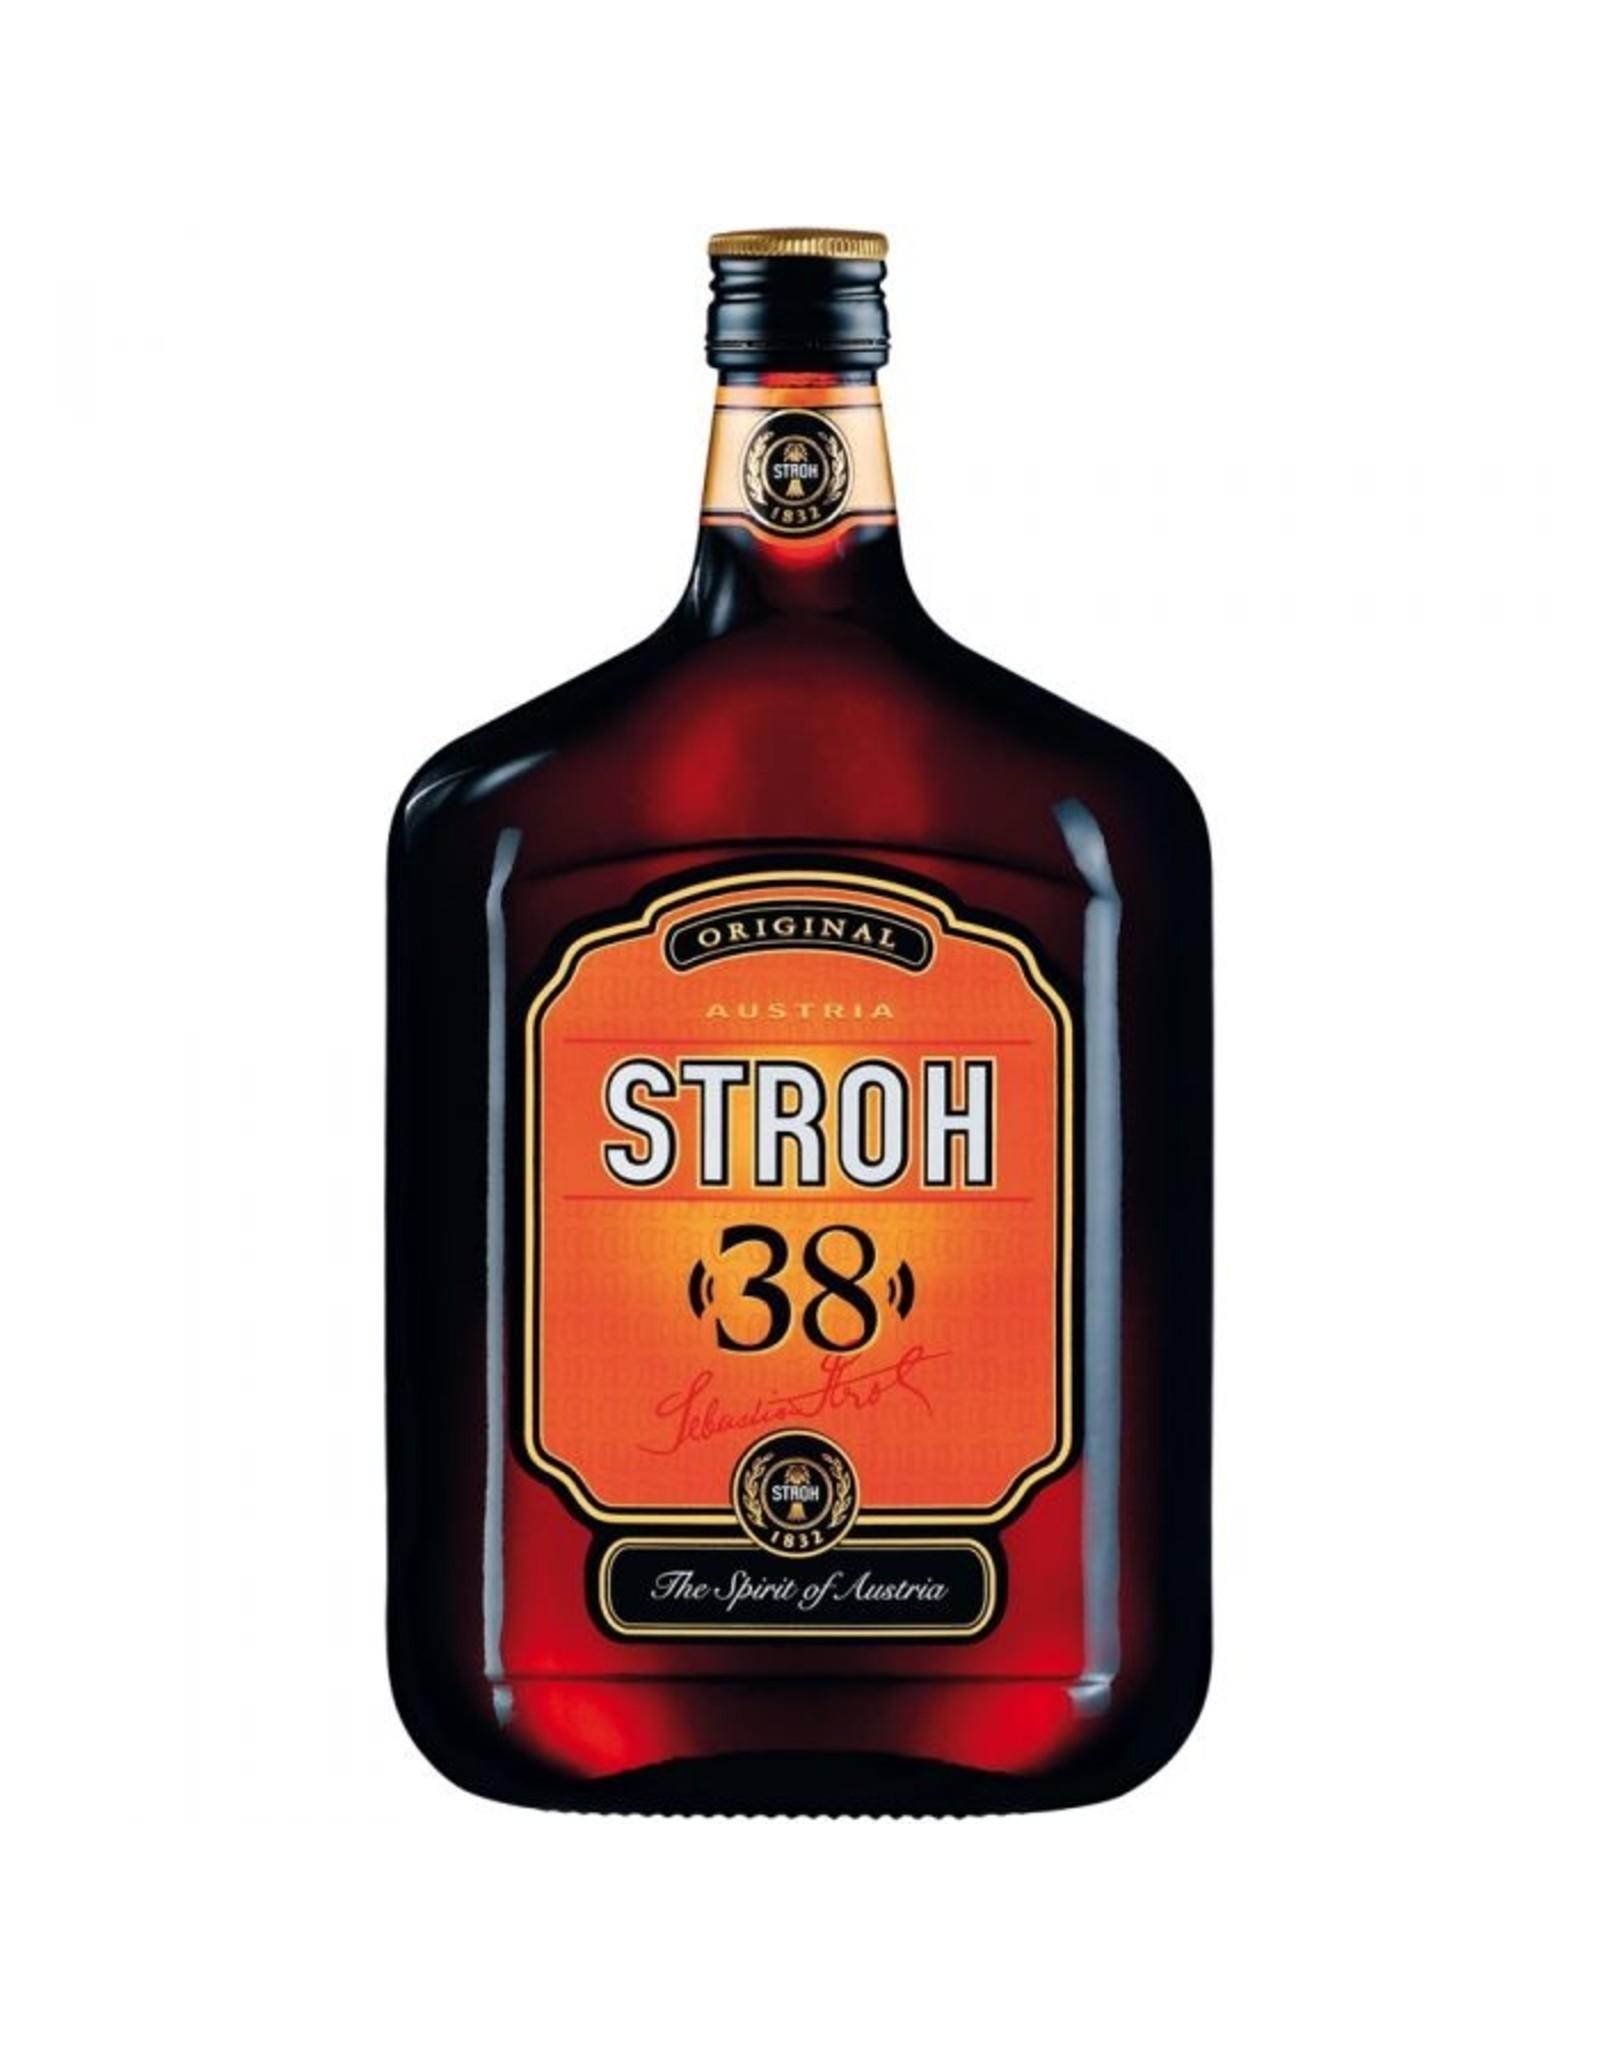 Stroh Rum Stroh Rum '38' 70cl